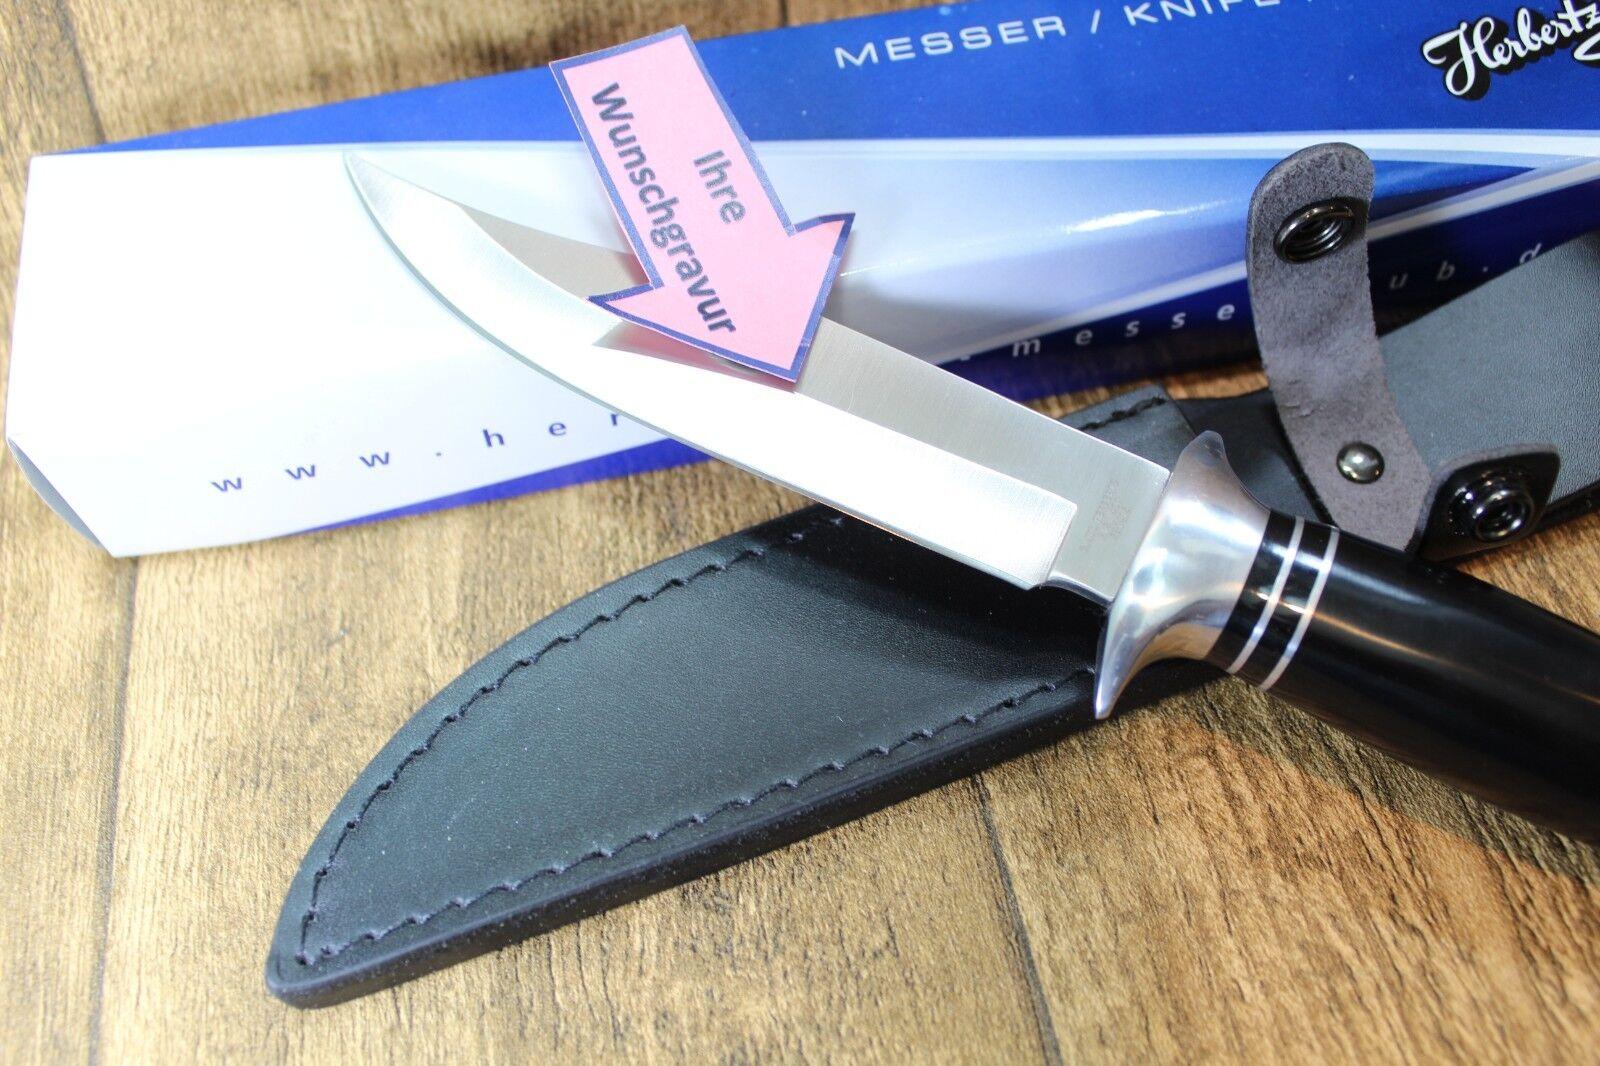 HERBERTZ Bowie Jagd Messer - Lederscheide - Diamantgravur - NEU NEU NEU & ovp - 581415 7a1c03